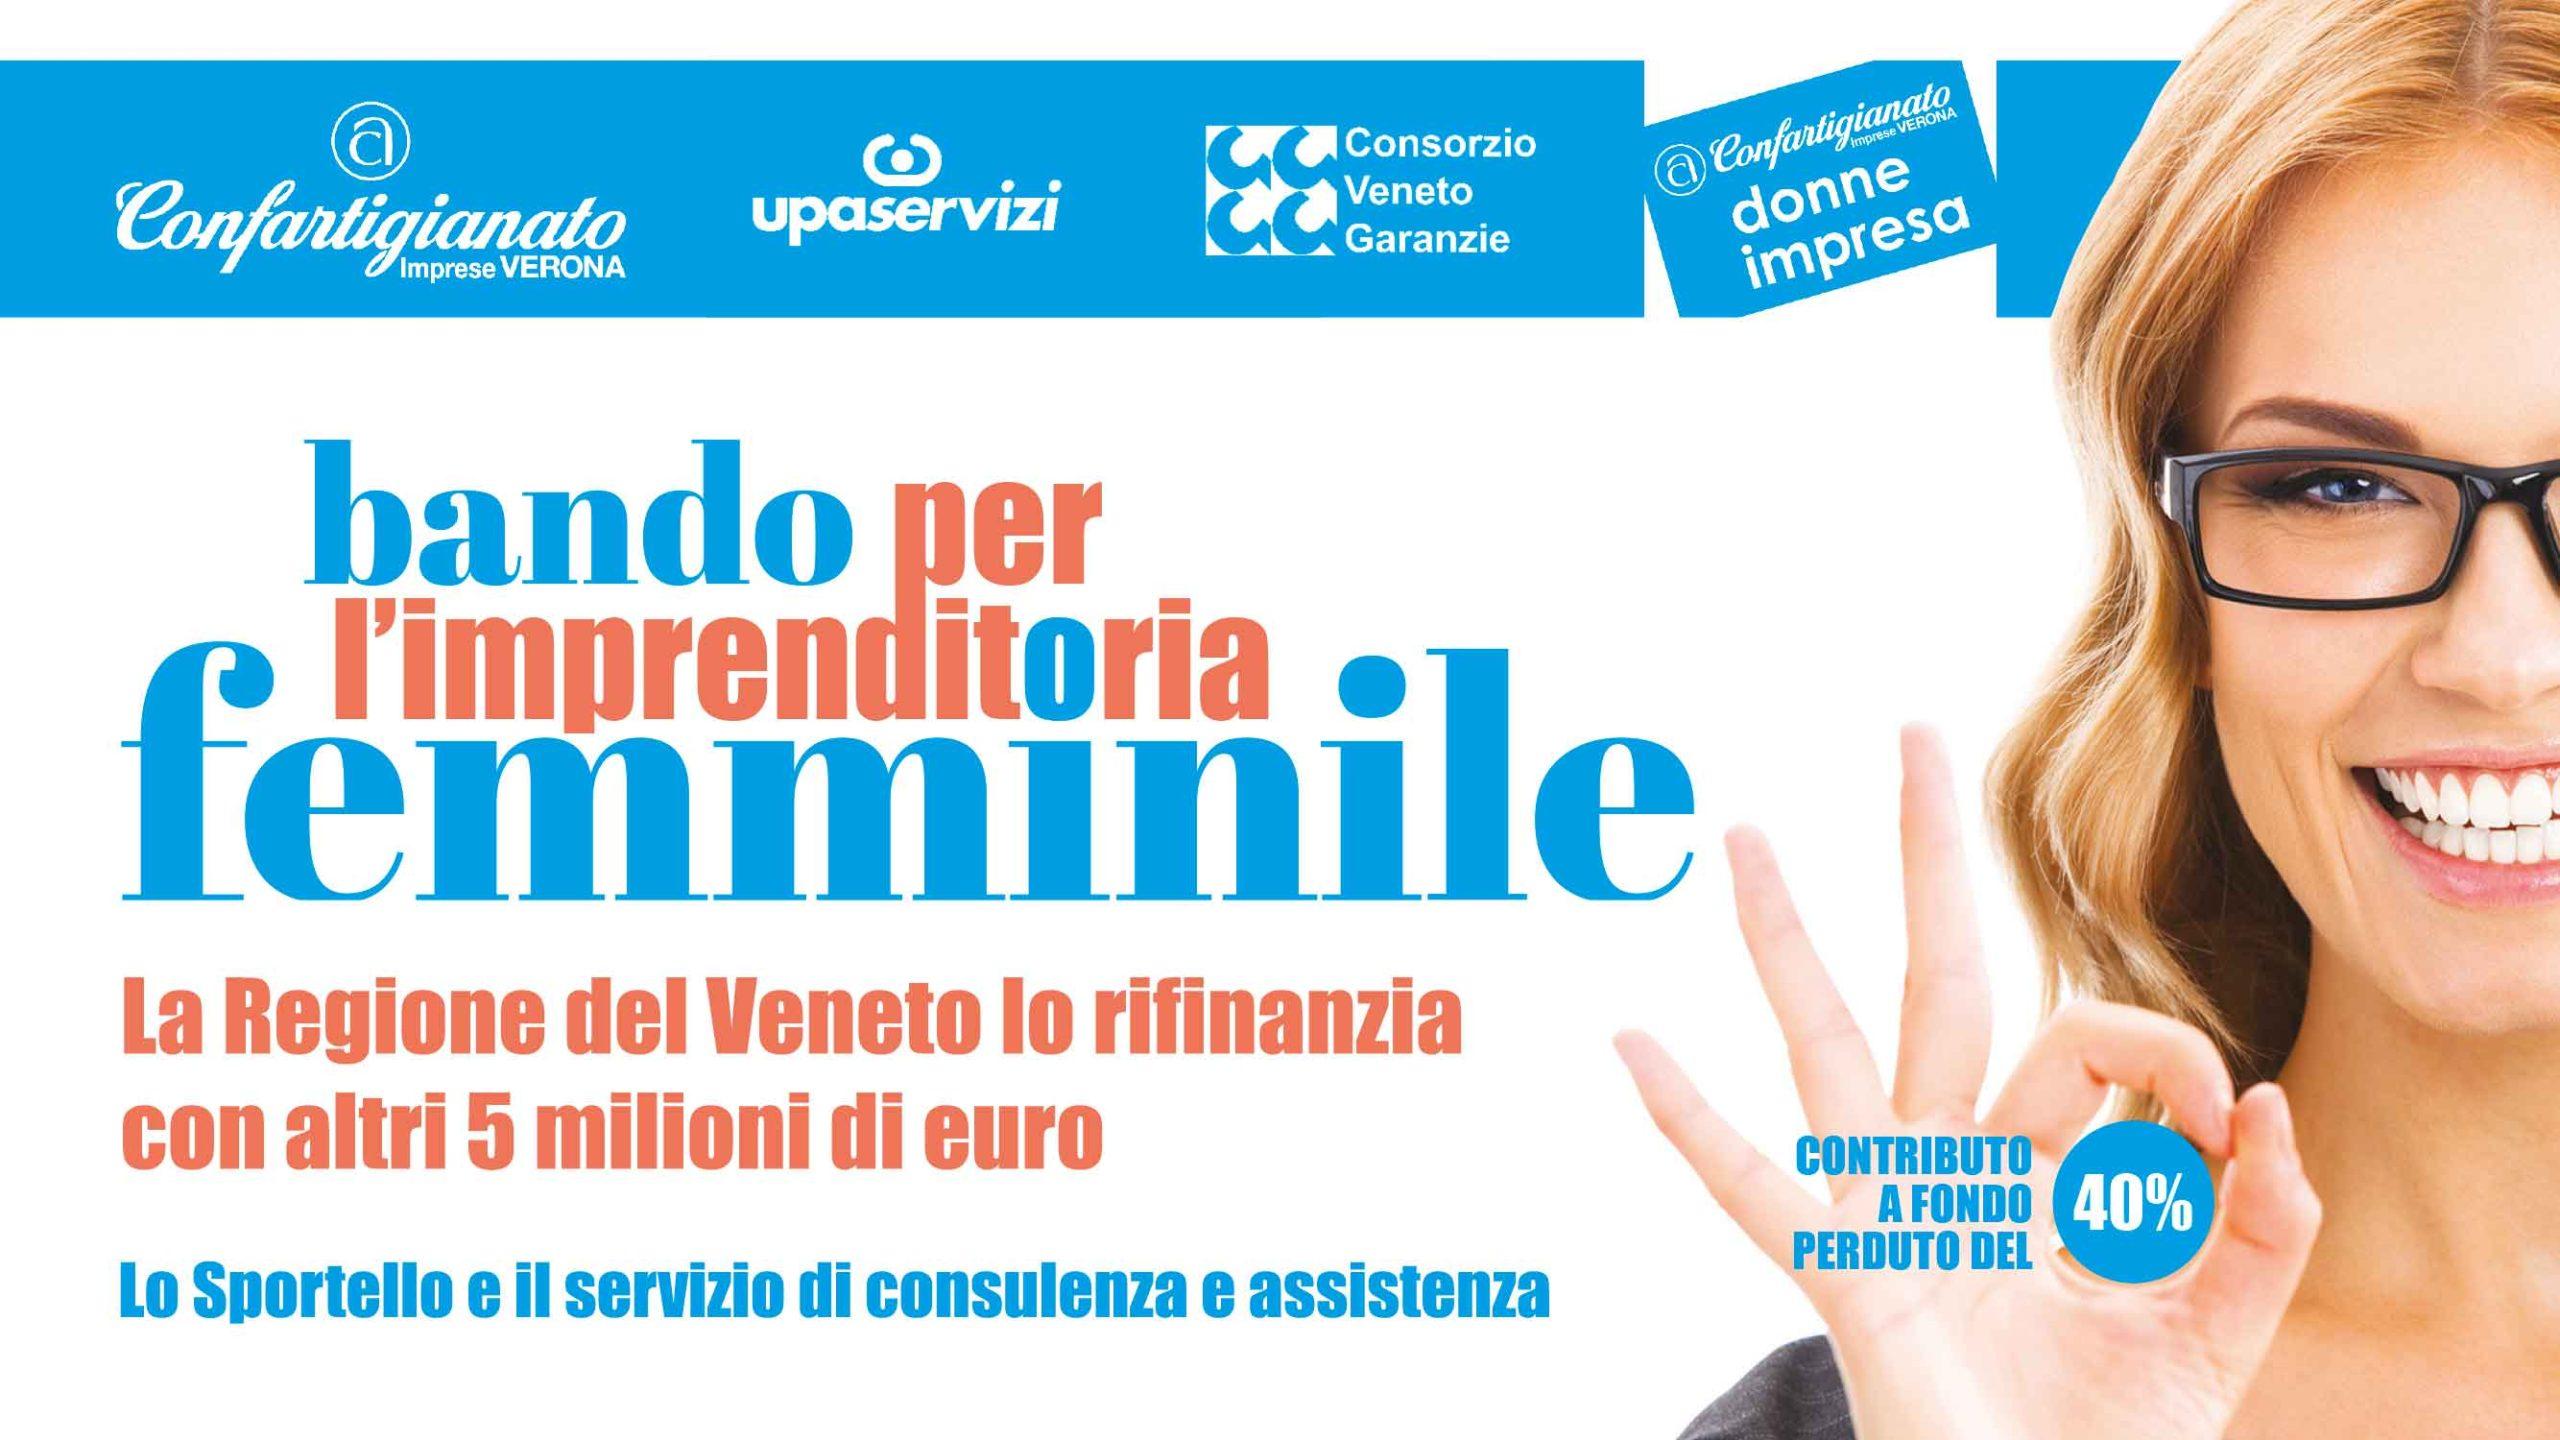 DONNE IMPRESA – La Regione del Veneto rifinanzia bando imprenditoria femminile con 5 milioni in più